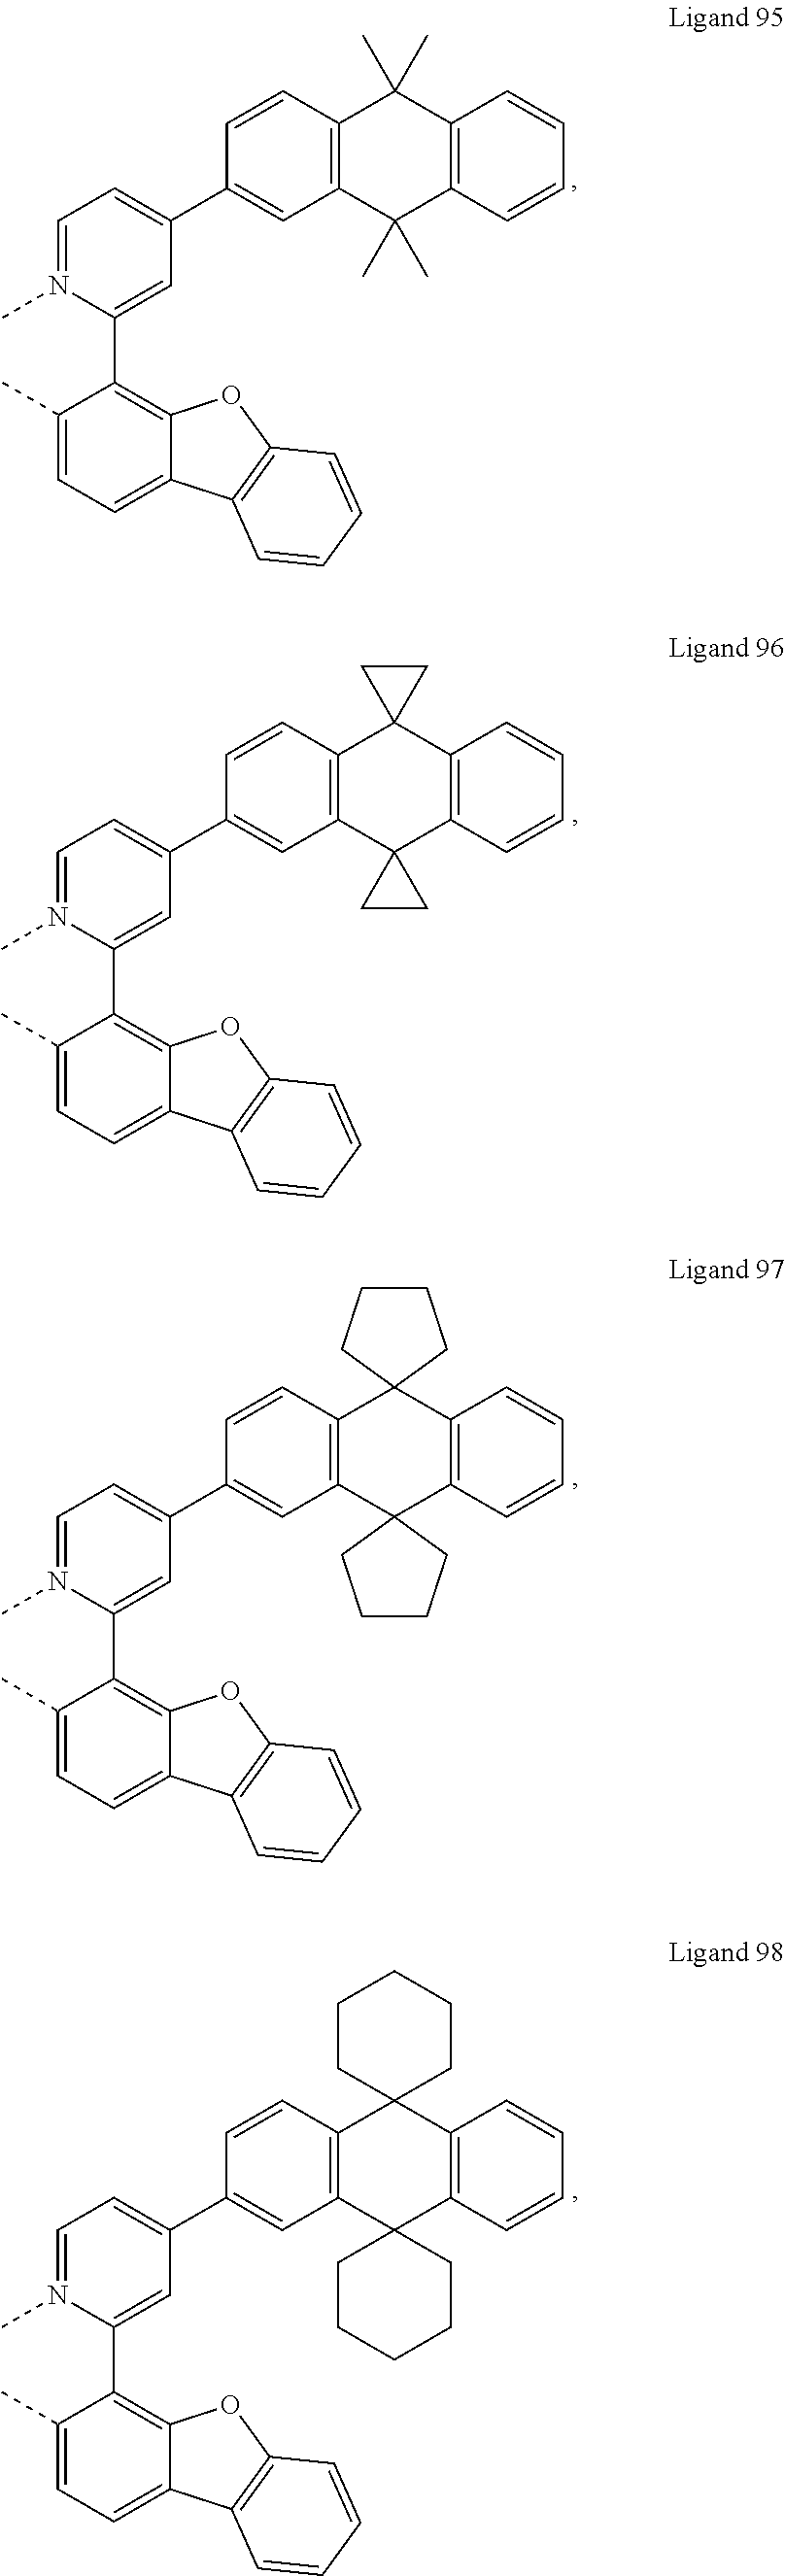 Figure US20180130962A1-20180510-C00056